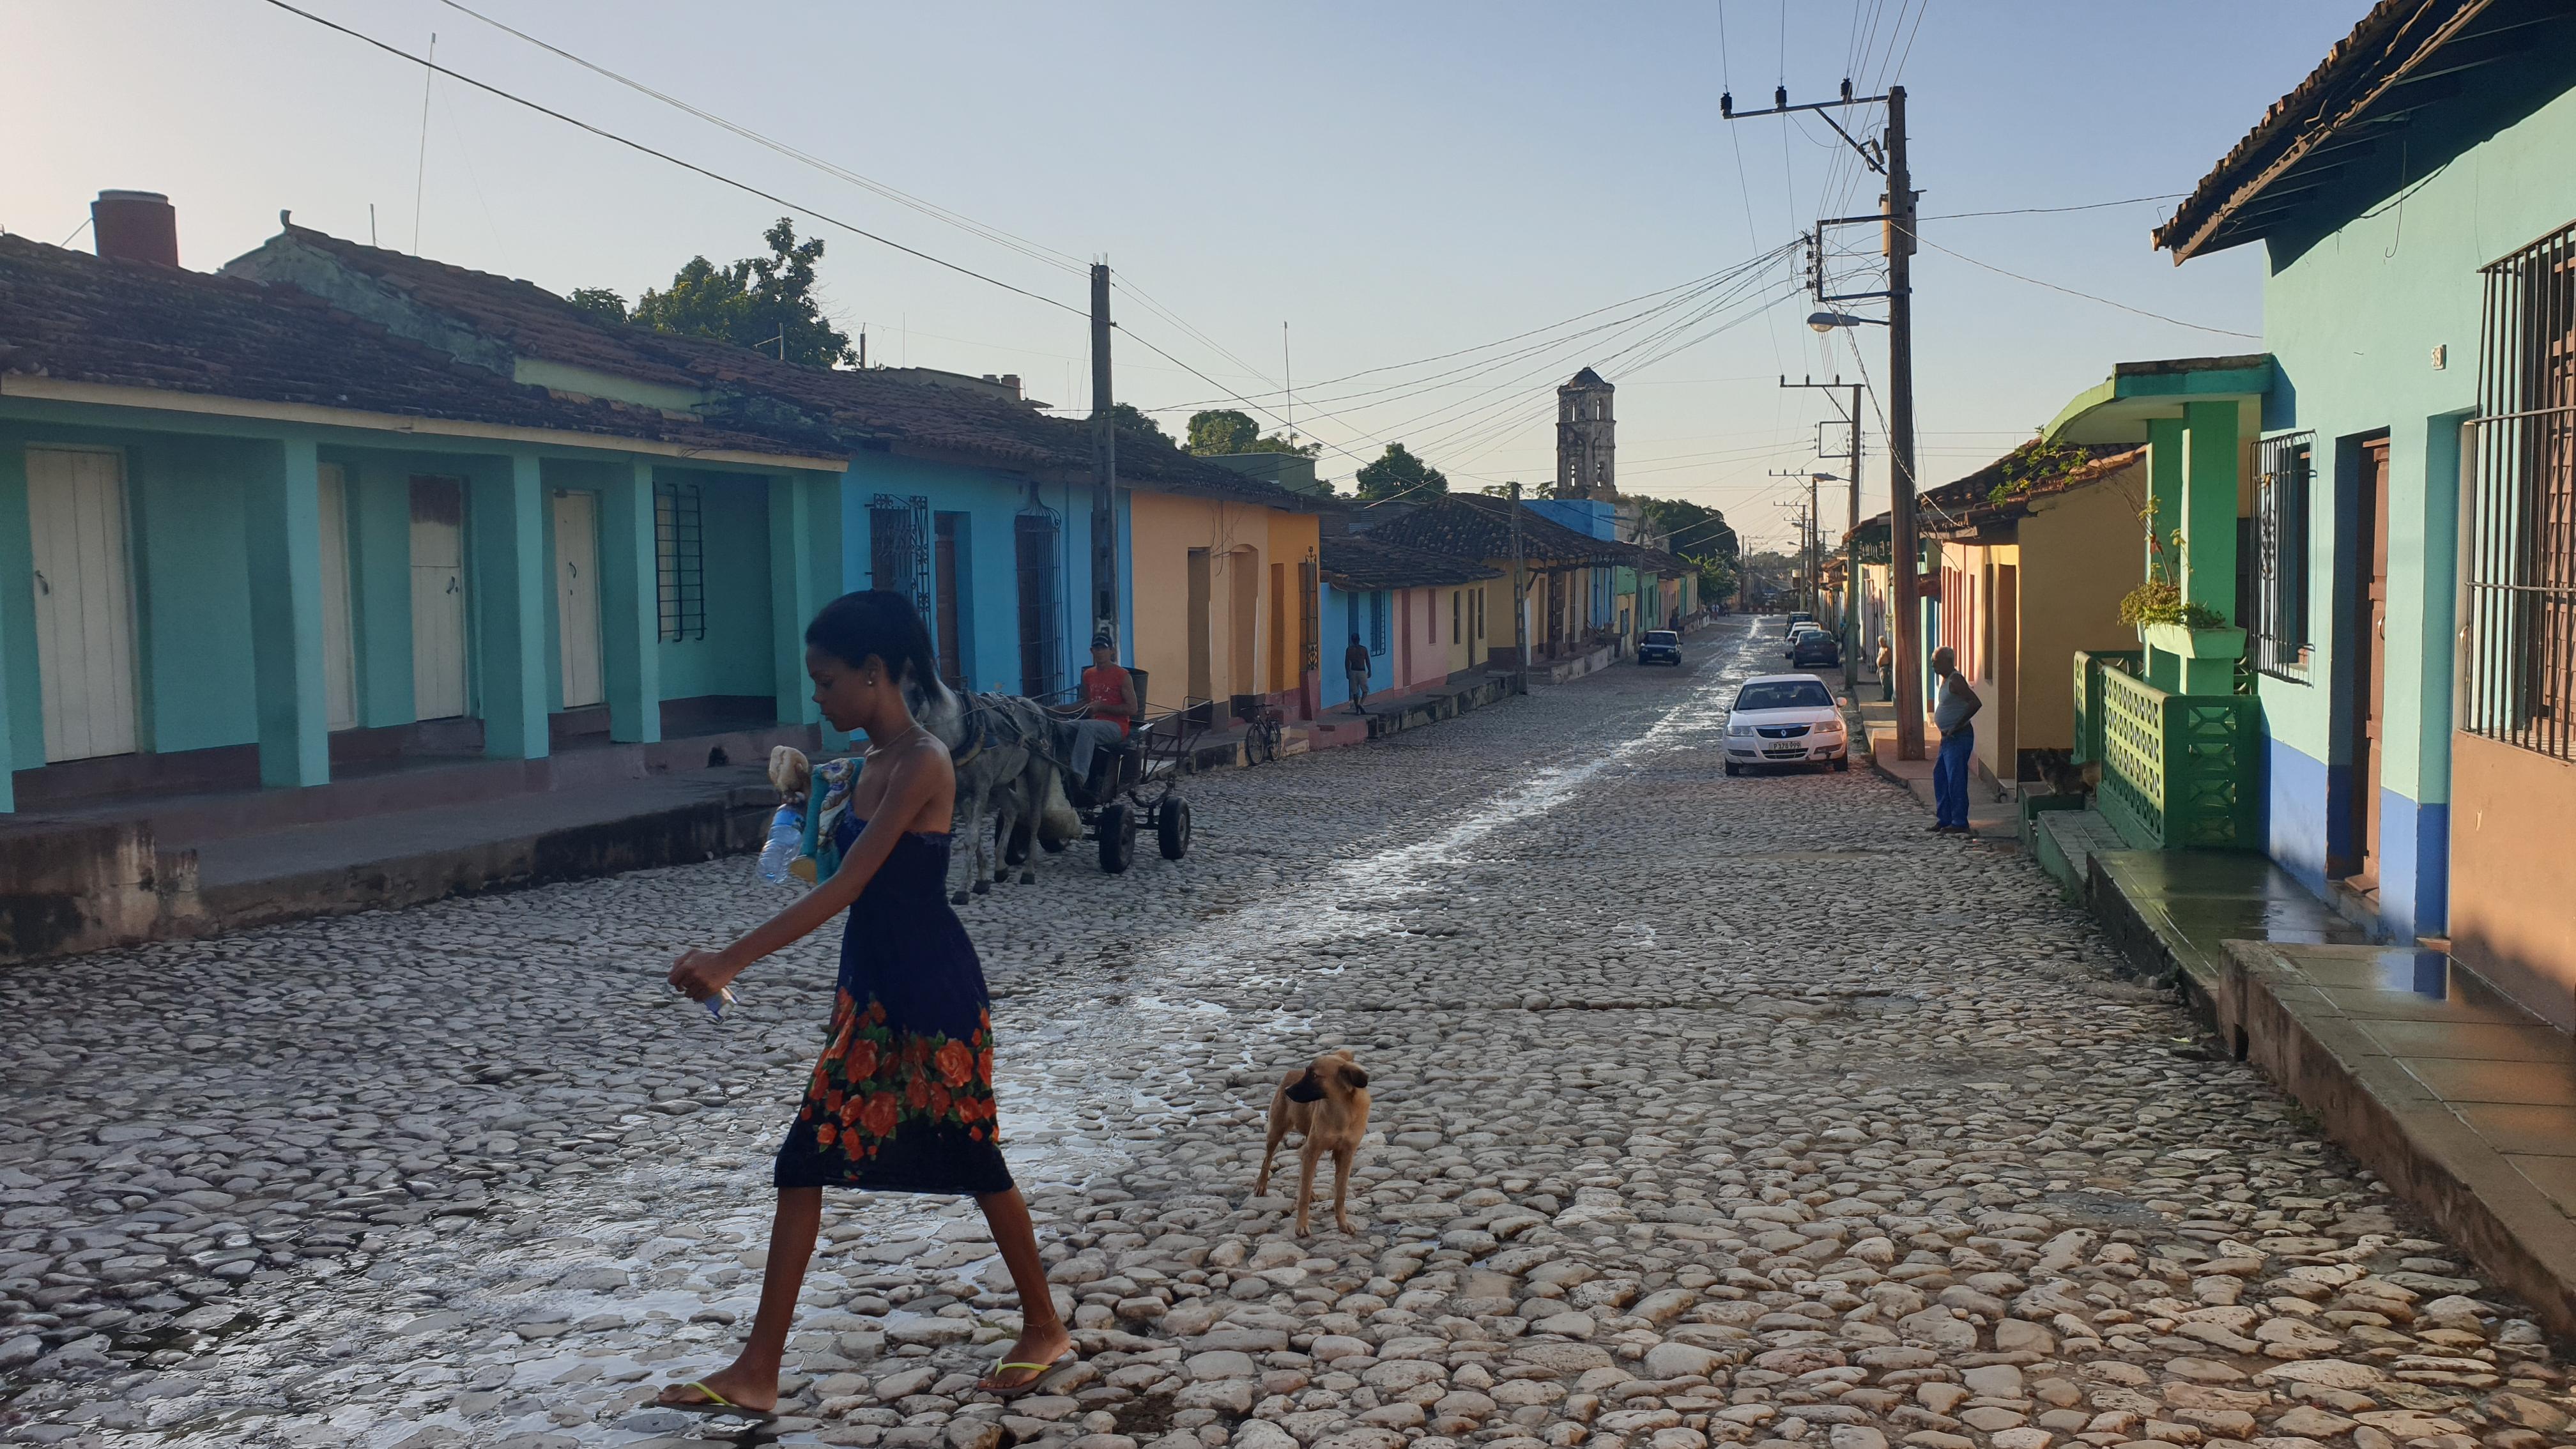 Vida en Cuba